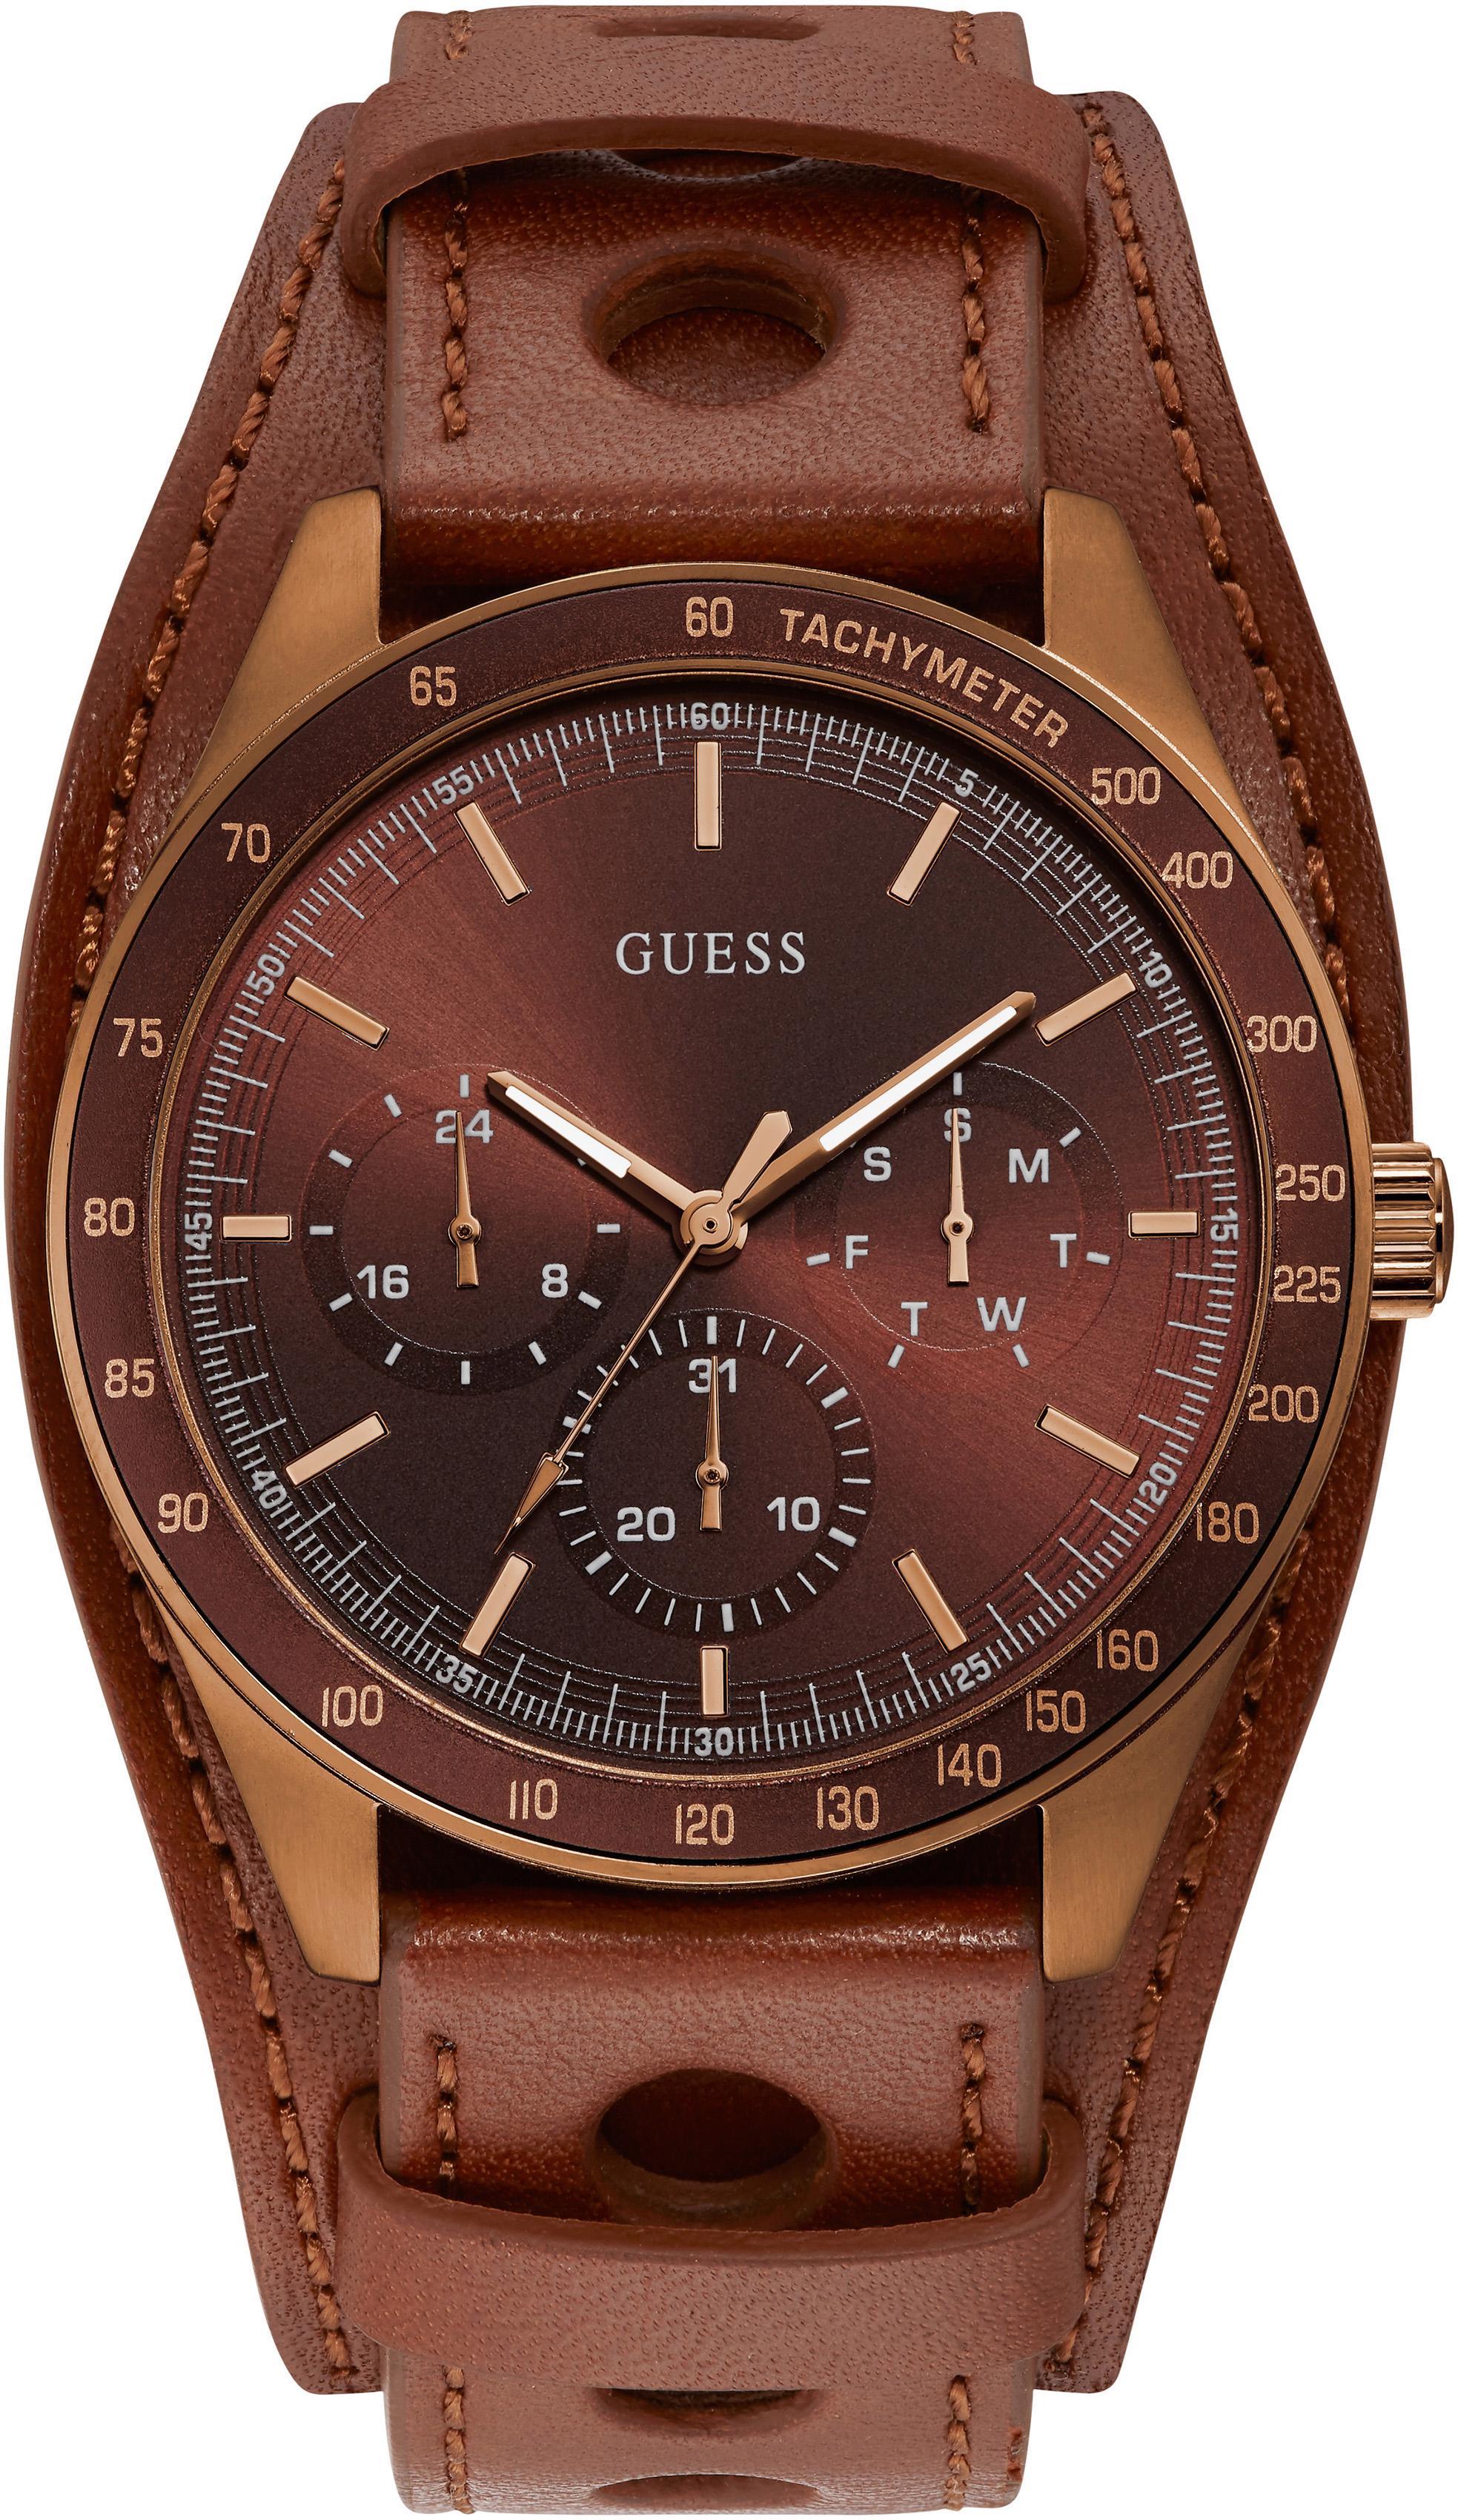 Guess Multifunktionsuhr MONTANA W1100G3   Uhren   Braun   Guess